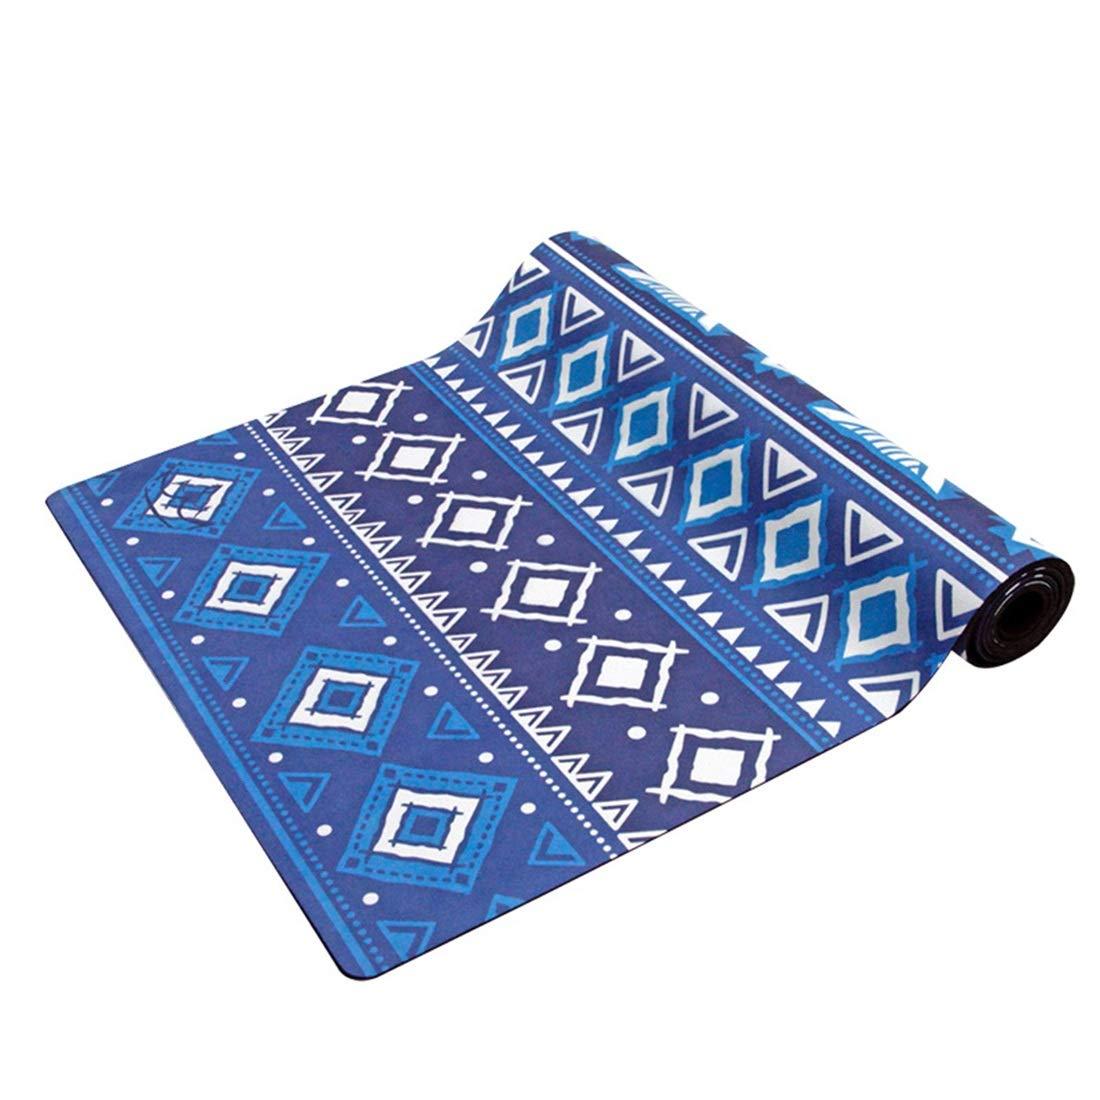 AROTOVL Yogamatte Rubber0.35mm Umweltfreundliche köstliche Fitnessmatte Yogamatte für Fitnessstudio mit Tragen (Farbe   Blau)